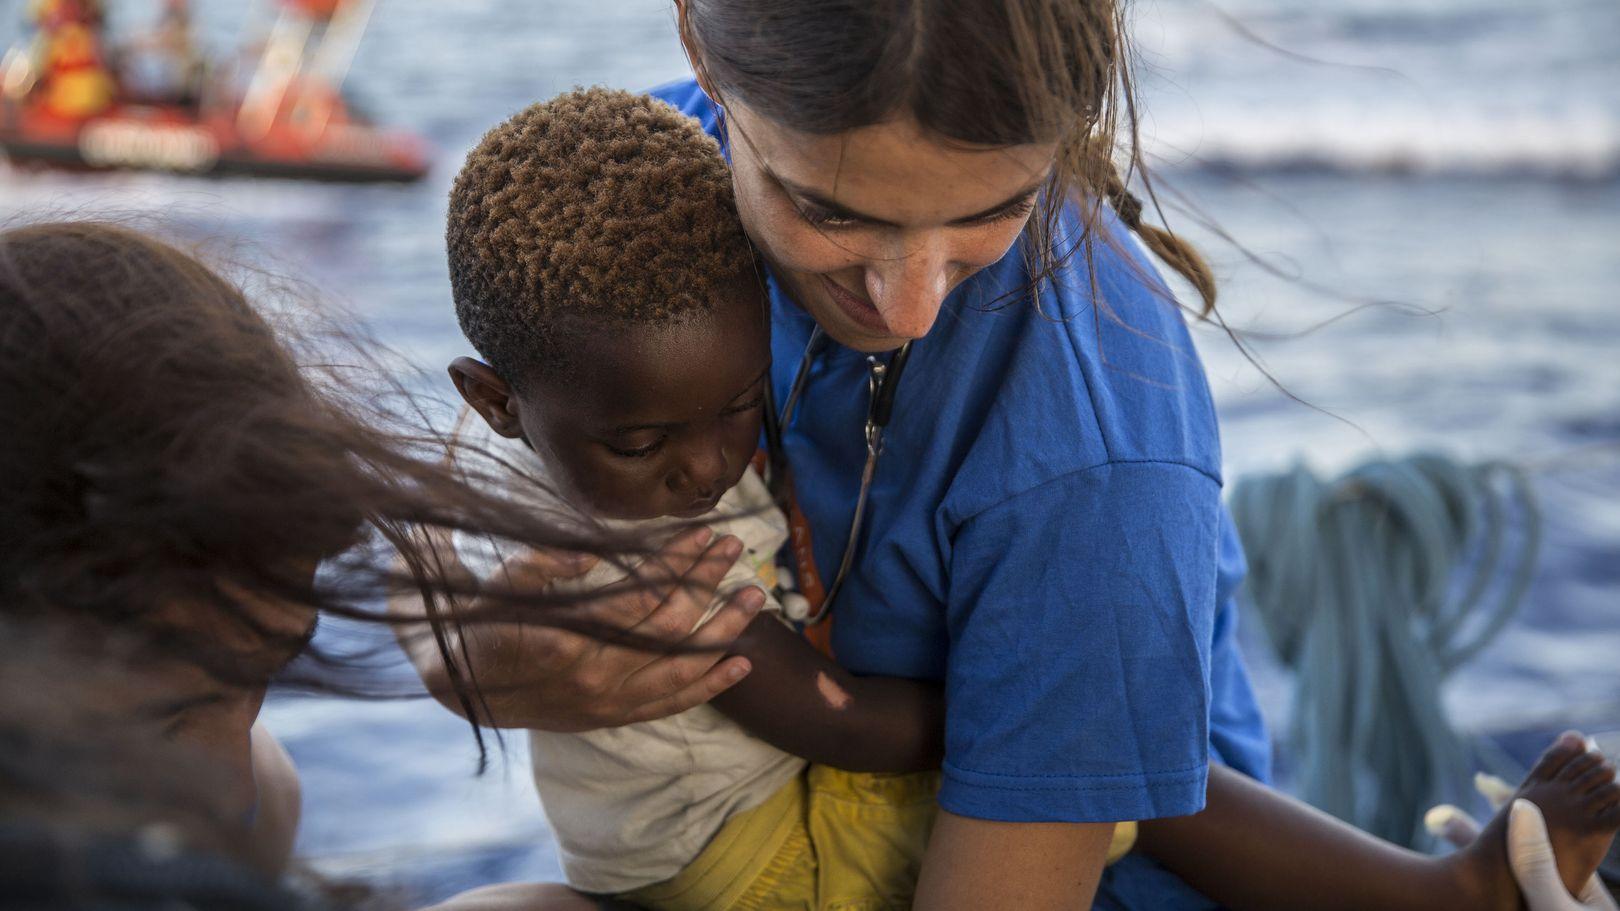 Im Mittelmeer hält am 4. Juli eine Mitarbeiterin der Hilfsorganisation Mediterranea Saving Humans einen kleinen Jungen im Arm.